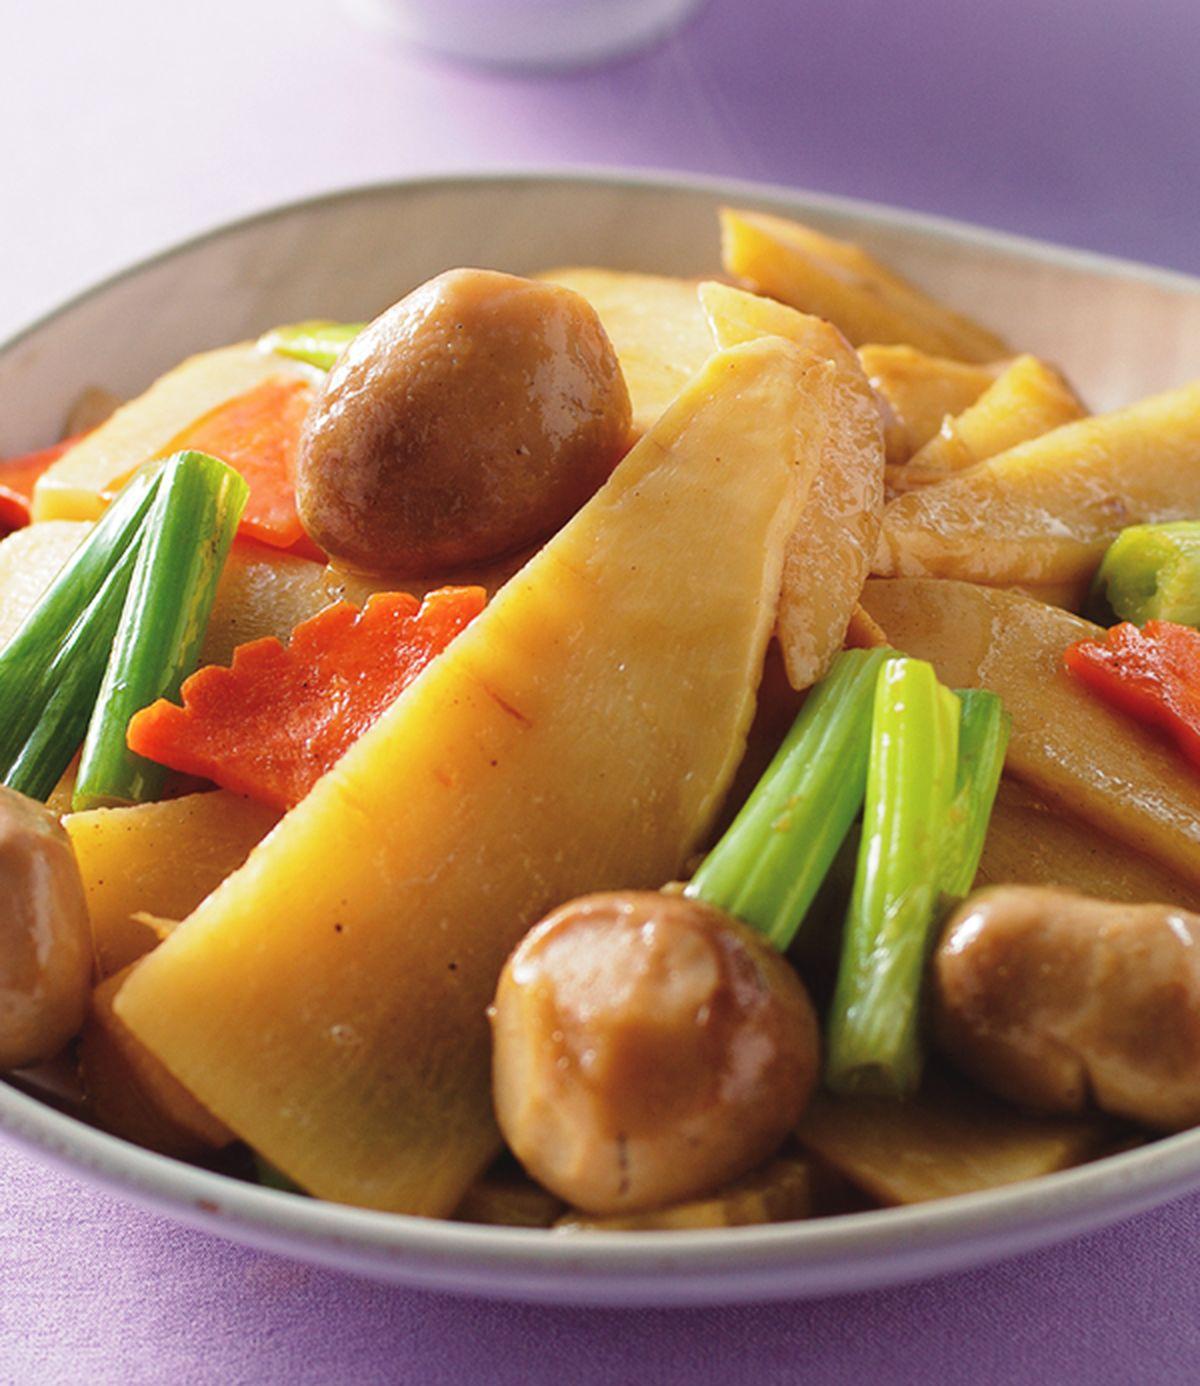 食譜:清炒雙冬